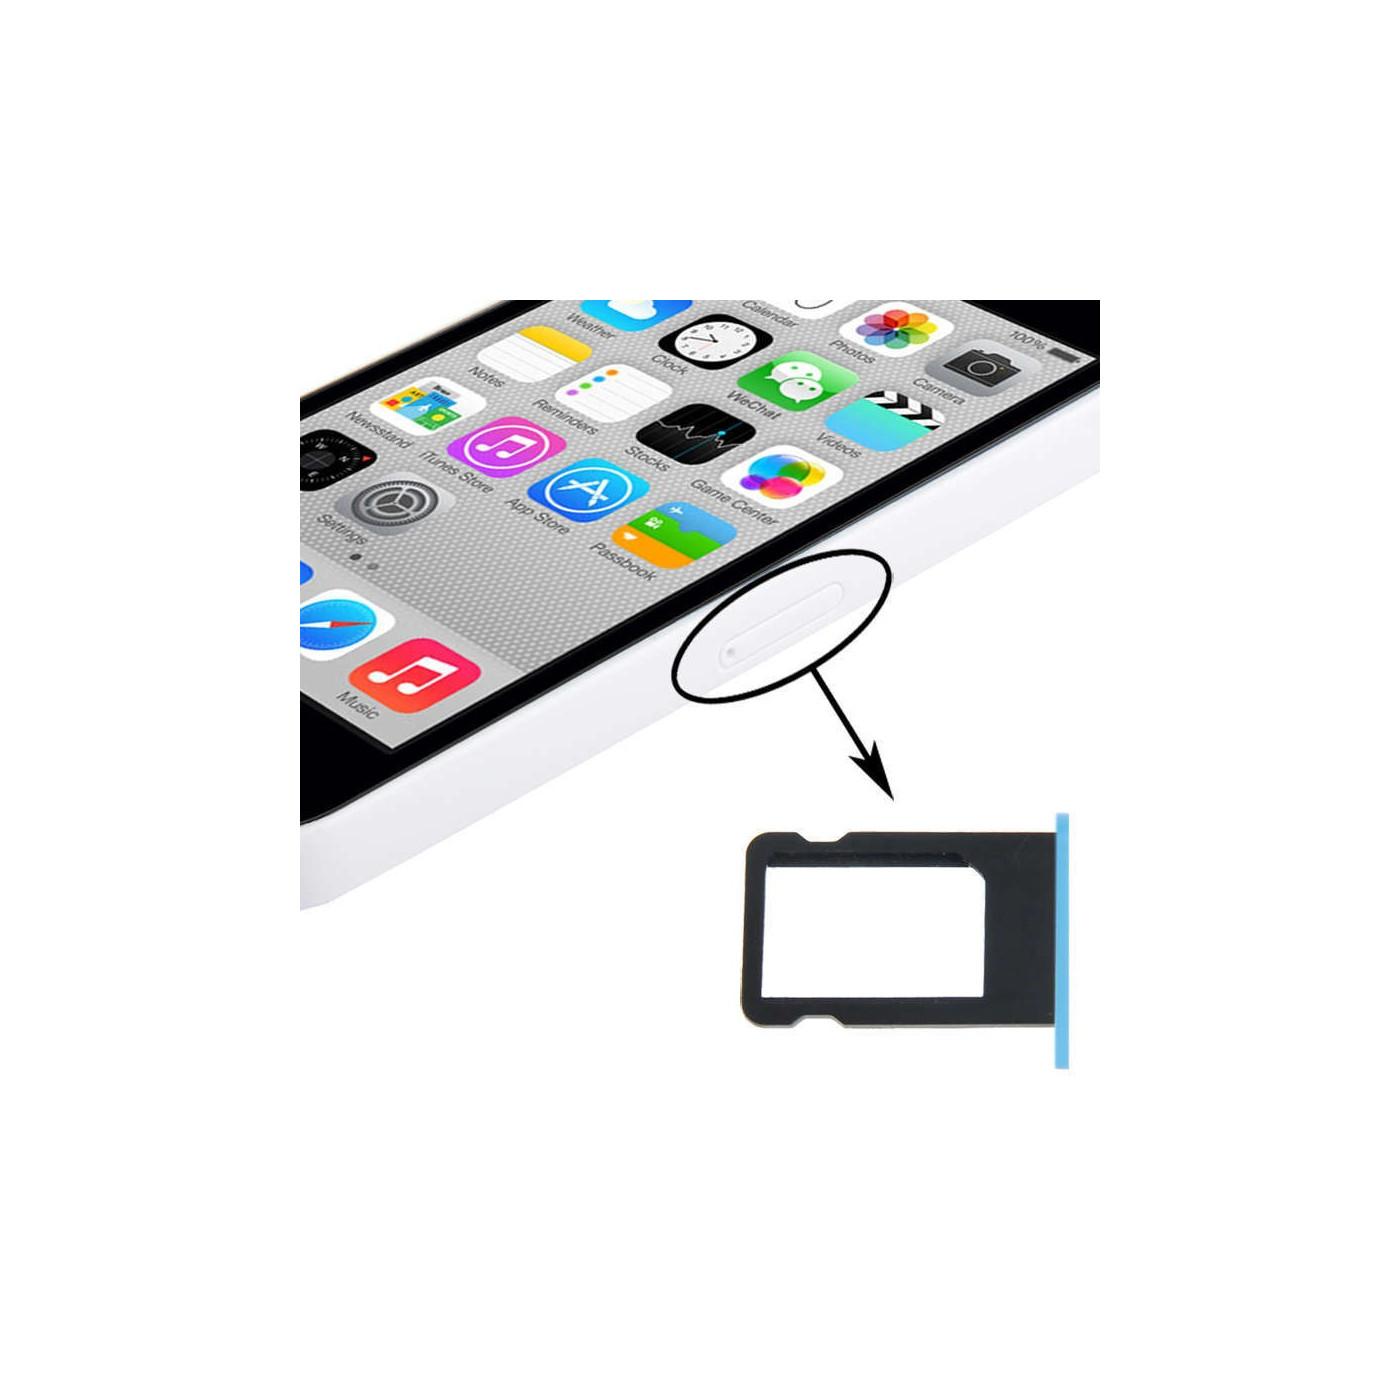 SIM Kartenhalter Apple iPhone 5C blaue Schlitze schieben Warenkorb Fach Ersatz